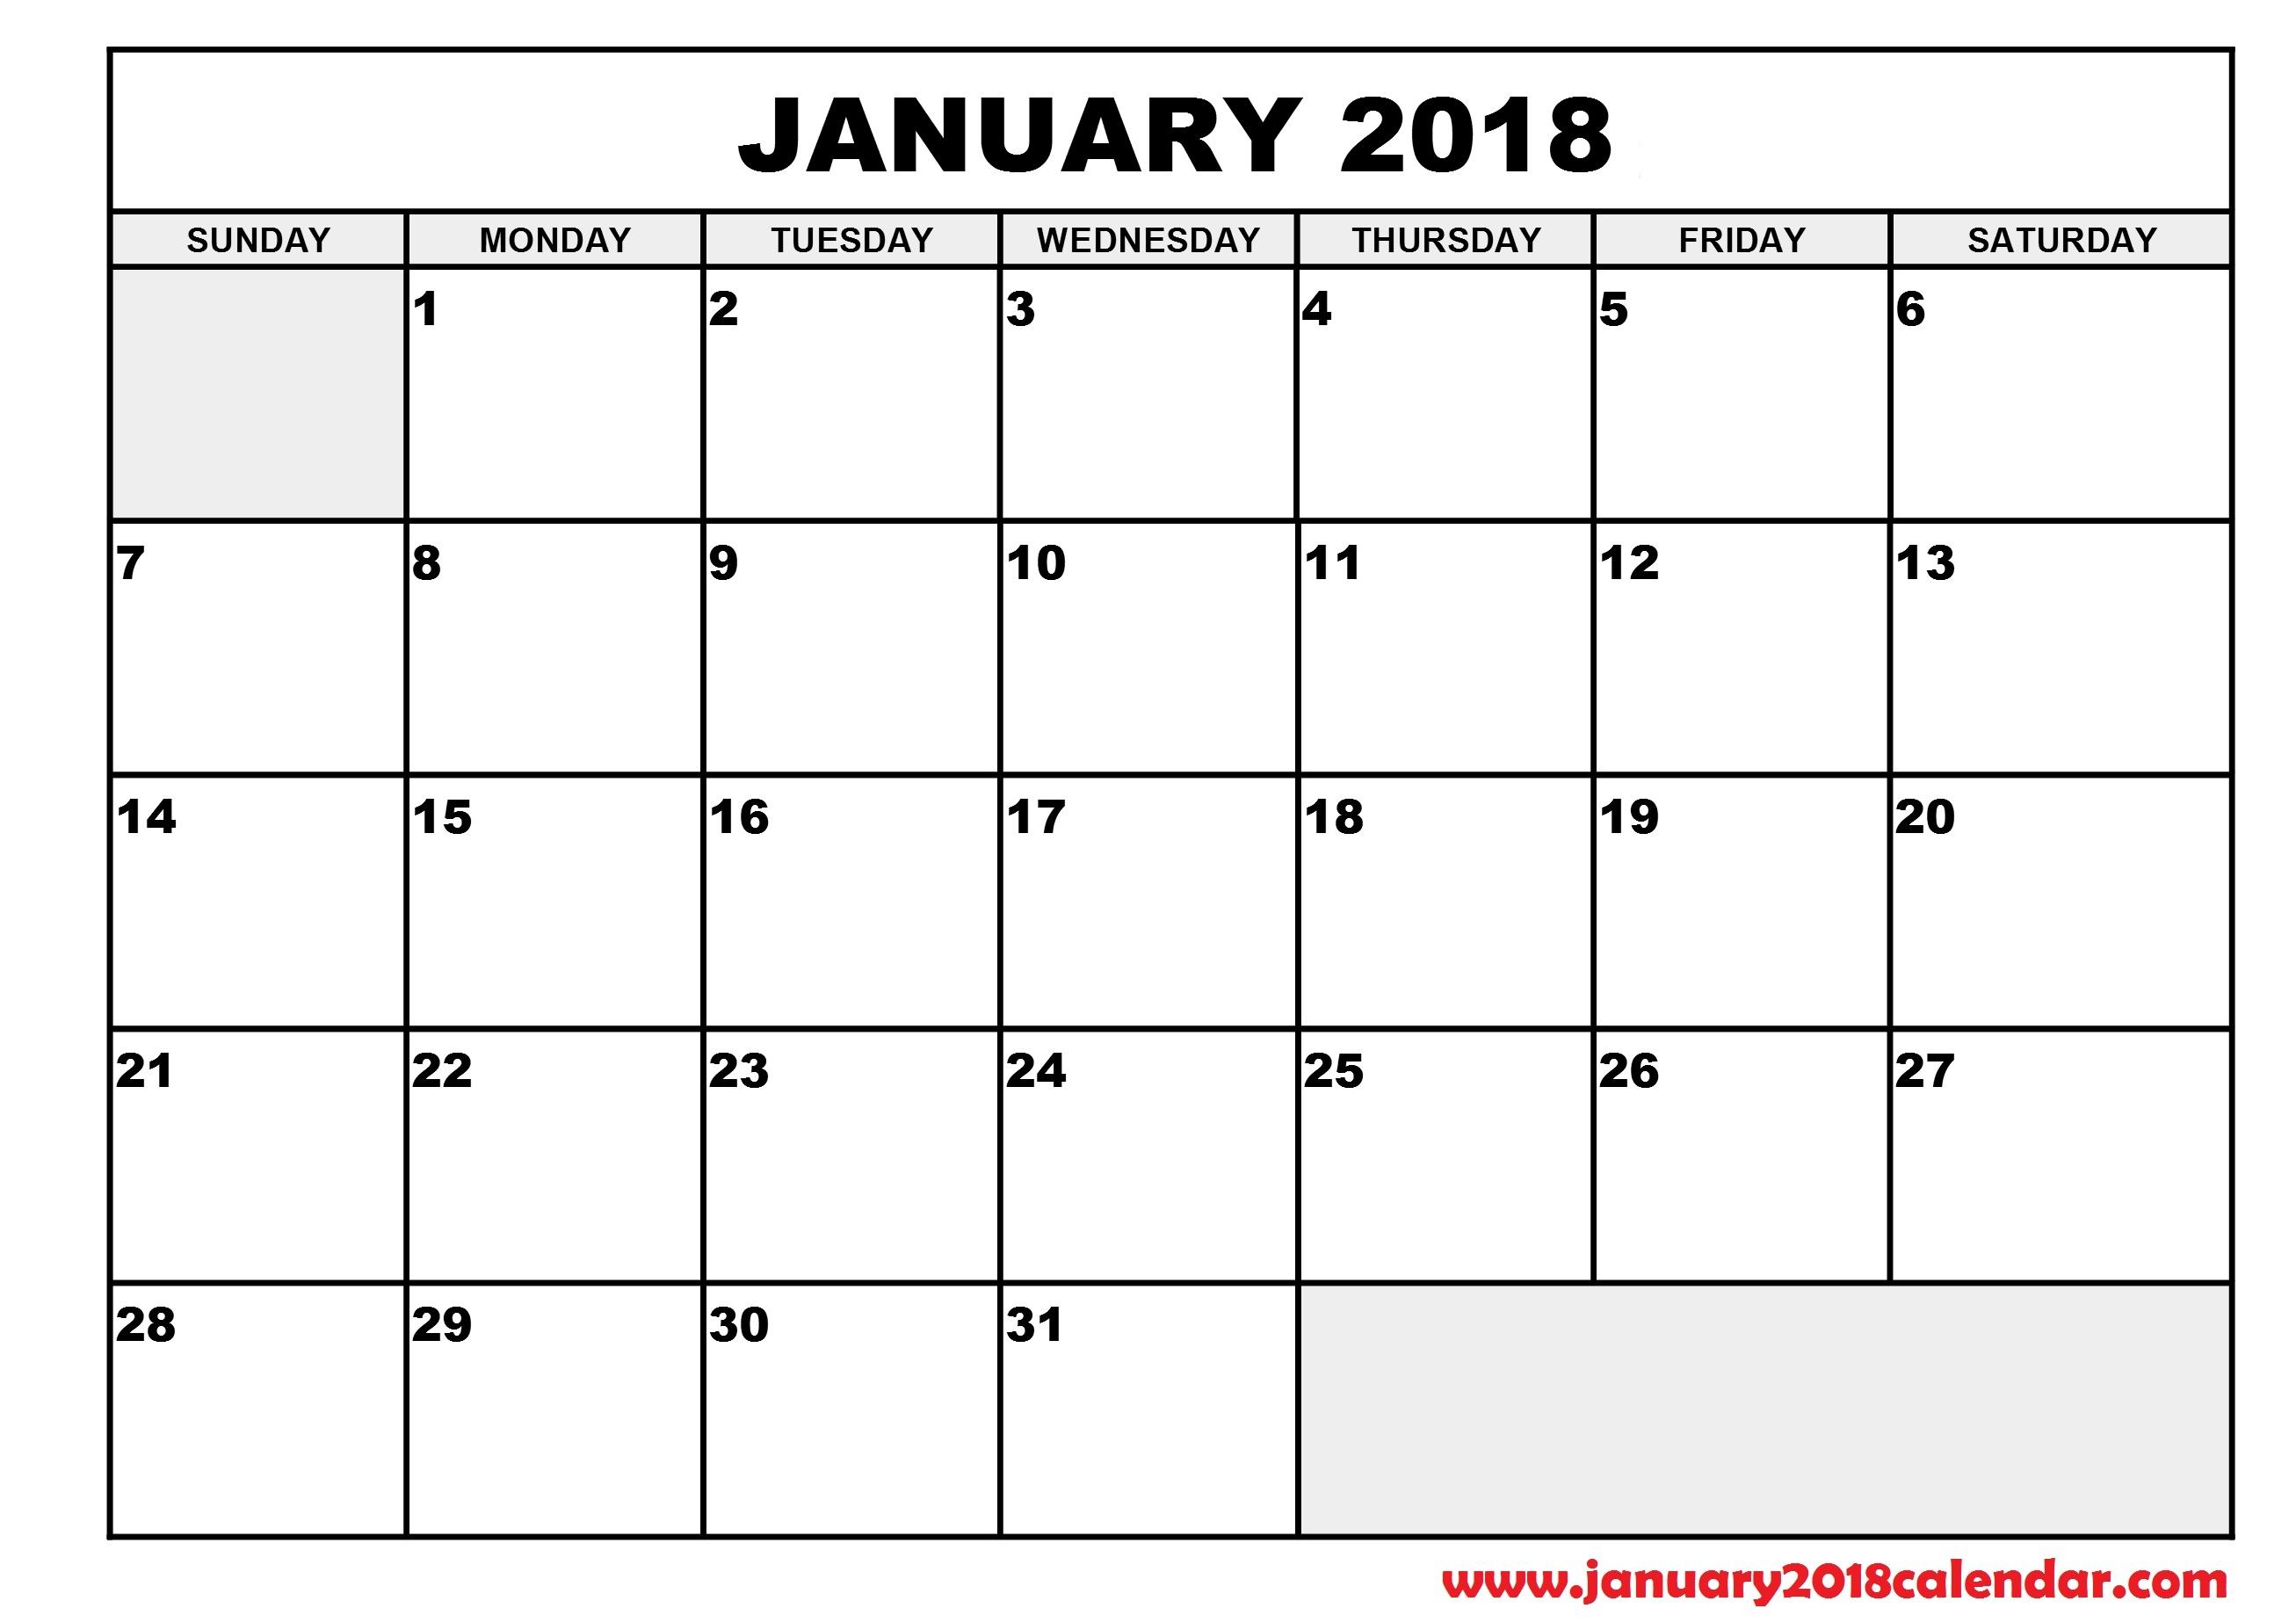 January 2018 Calendar Printable Calendar Templates3abry